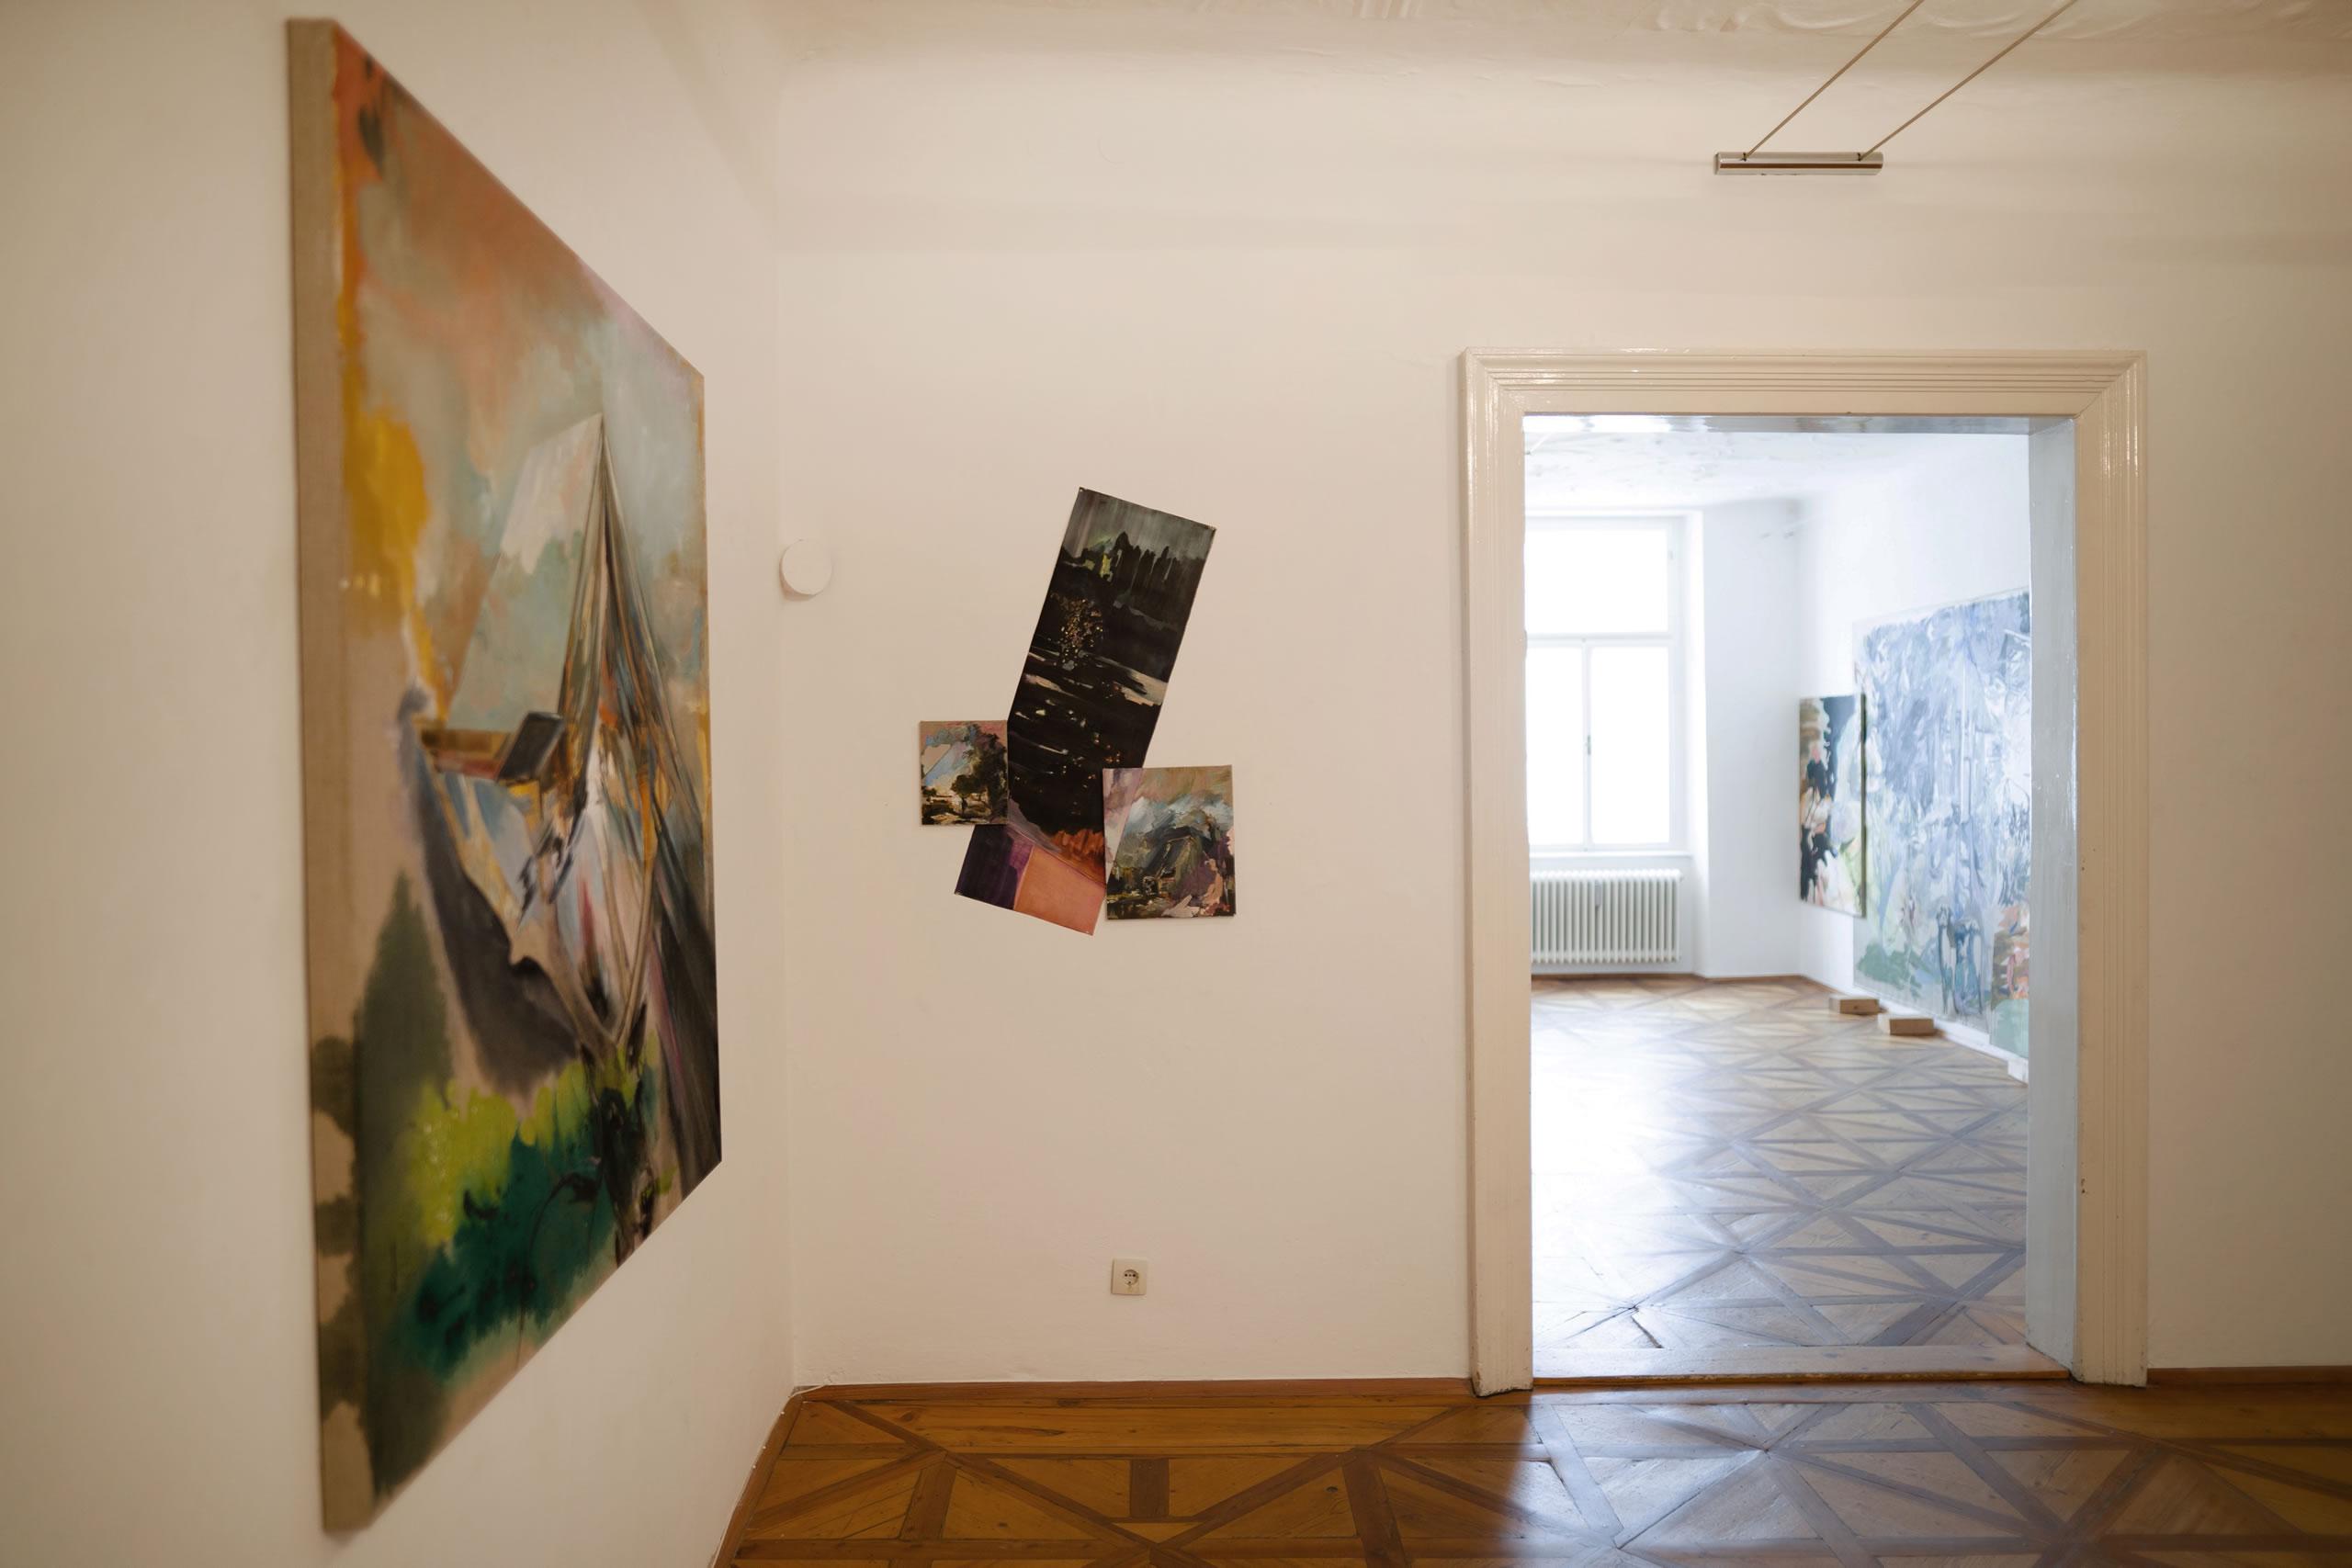 Aus dem Raum gefallen | 10 | Ansicht gebrochene Wolke | Elisabeth Wedenig | 2019 | Foto: Peter Schaflechner | Galerie3